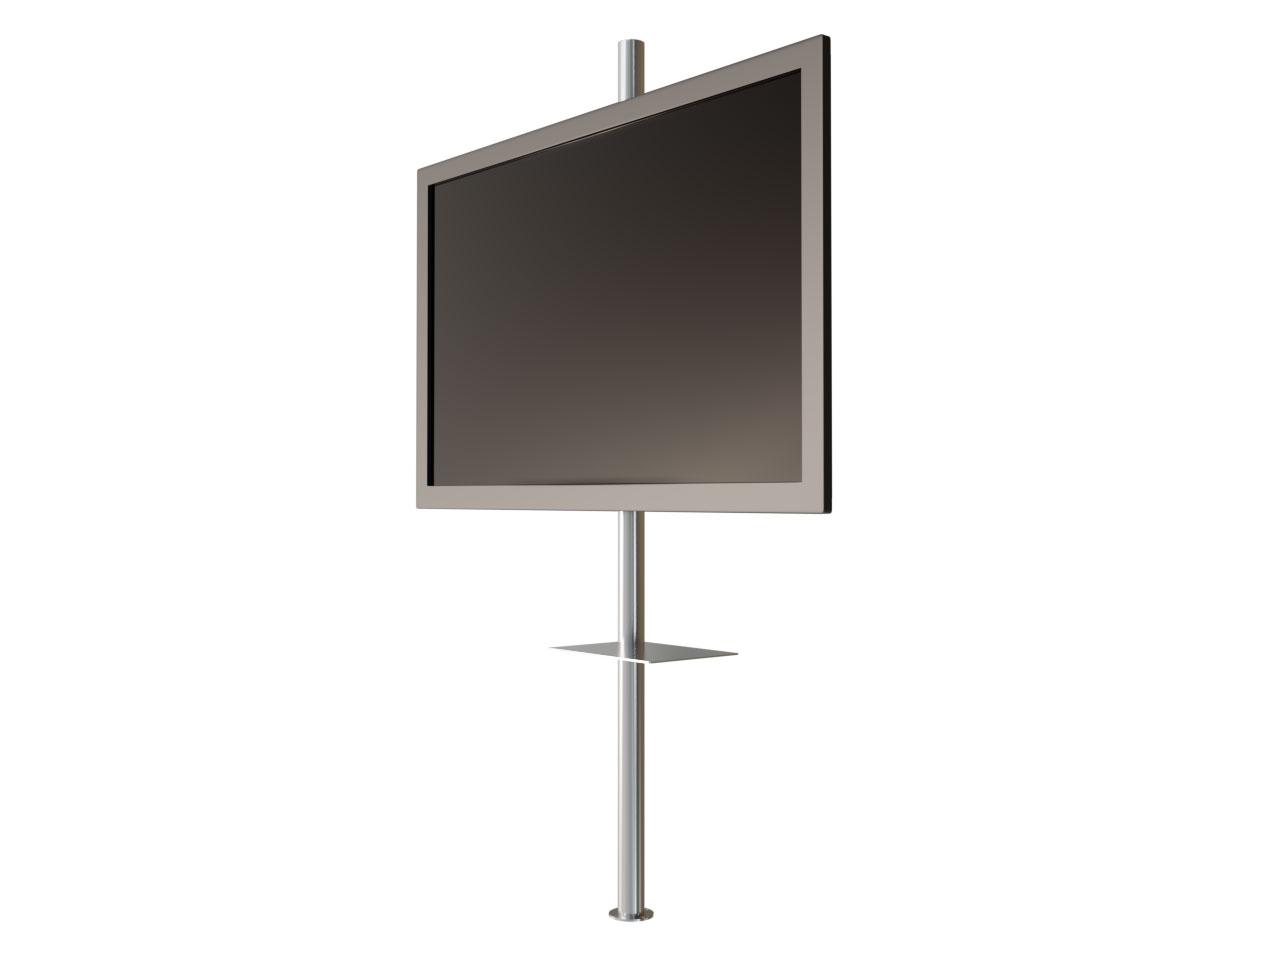 drehbare design tv s ule f r bis zu 6 tv halterung zur bodenmontage mit 360 grad drehbereich. Black Bedroom Furniture Sets. Home Design Ideas